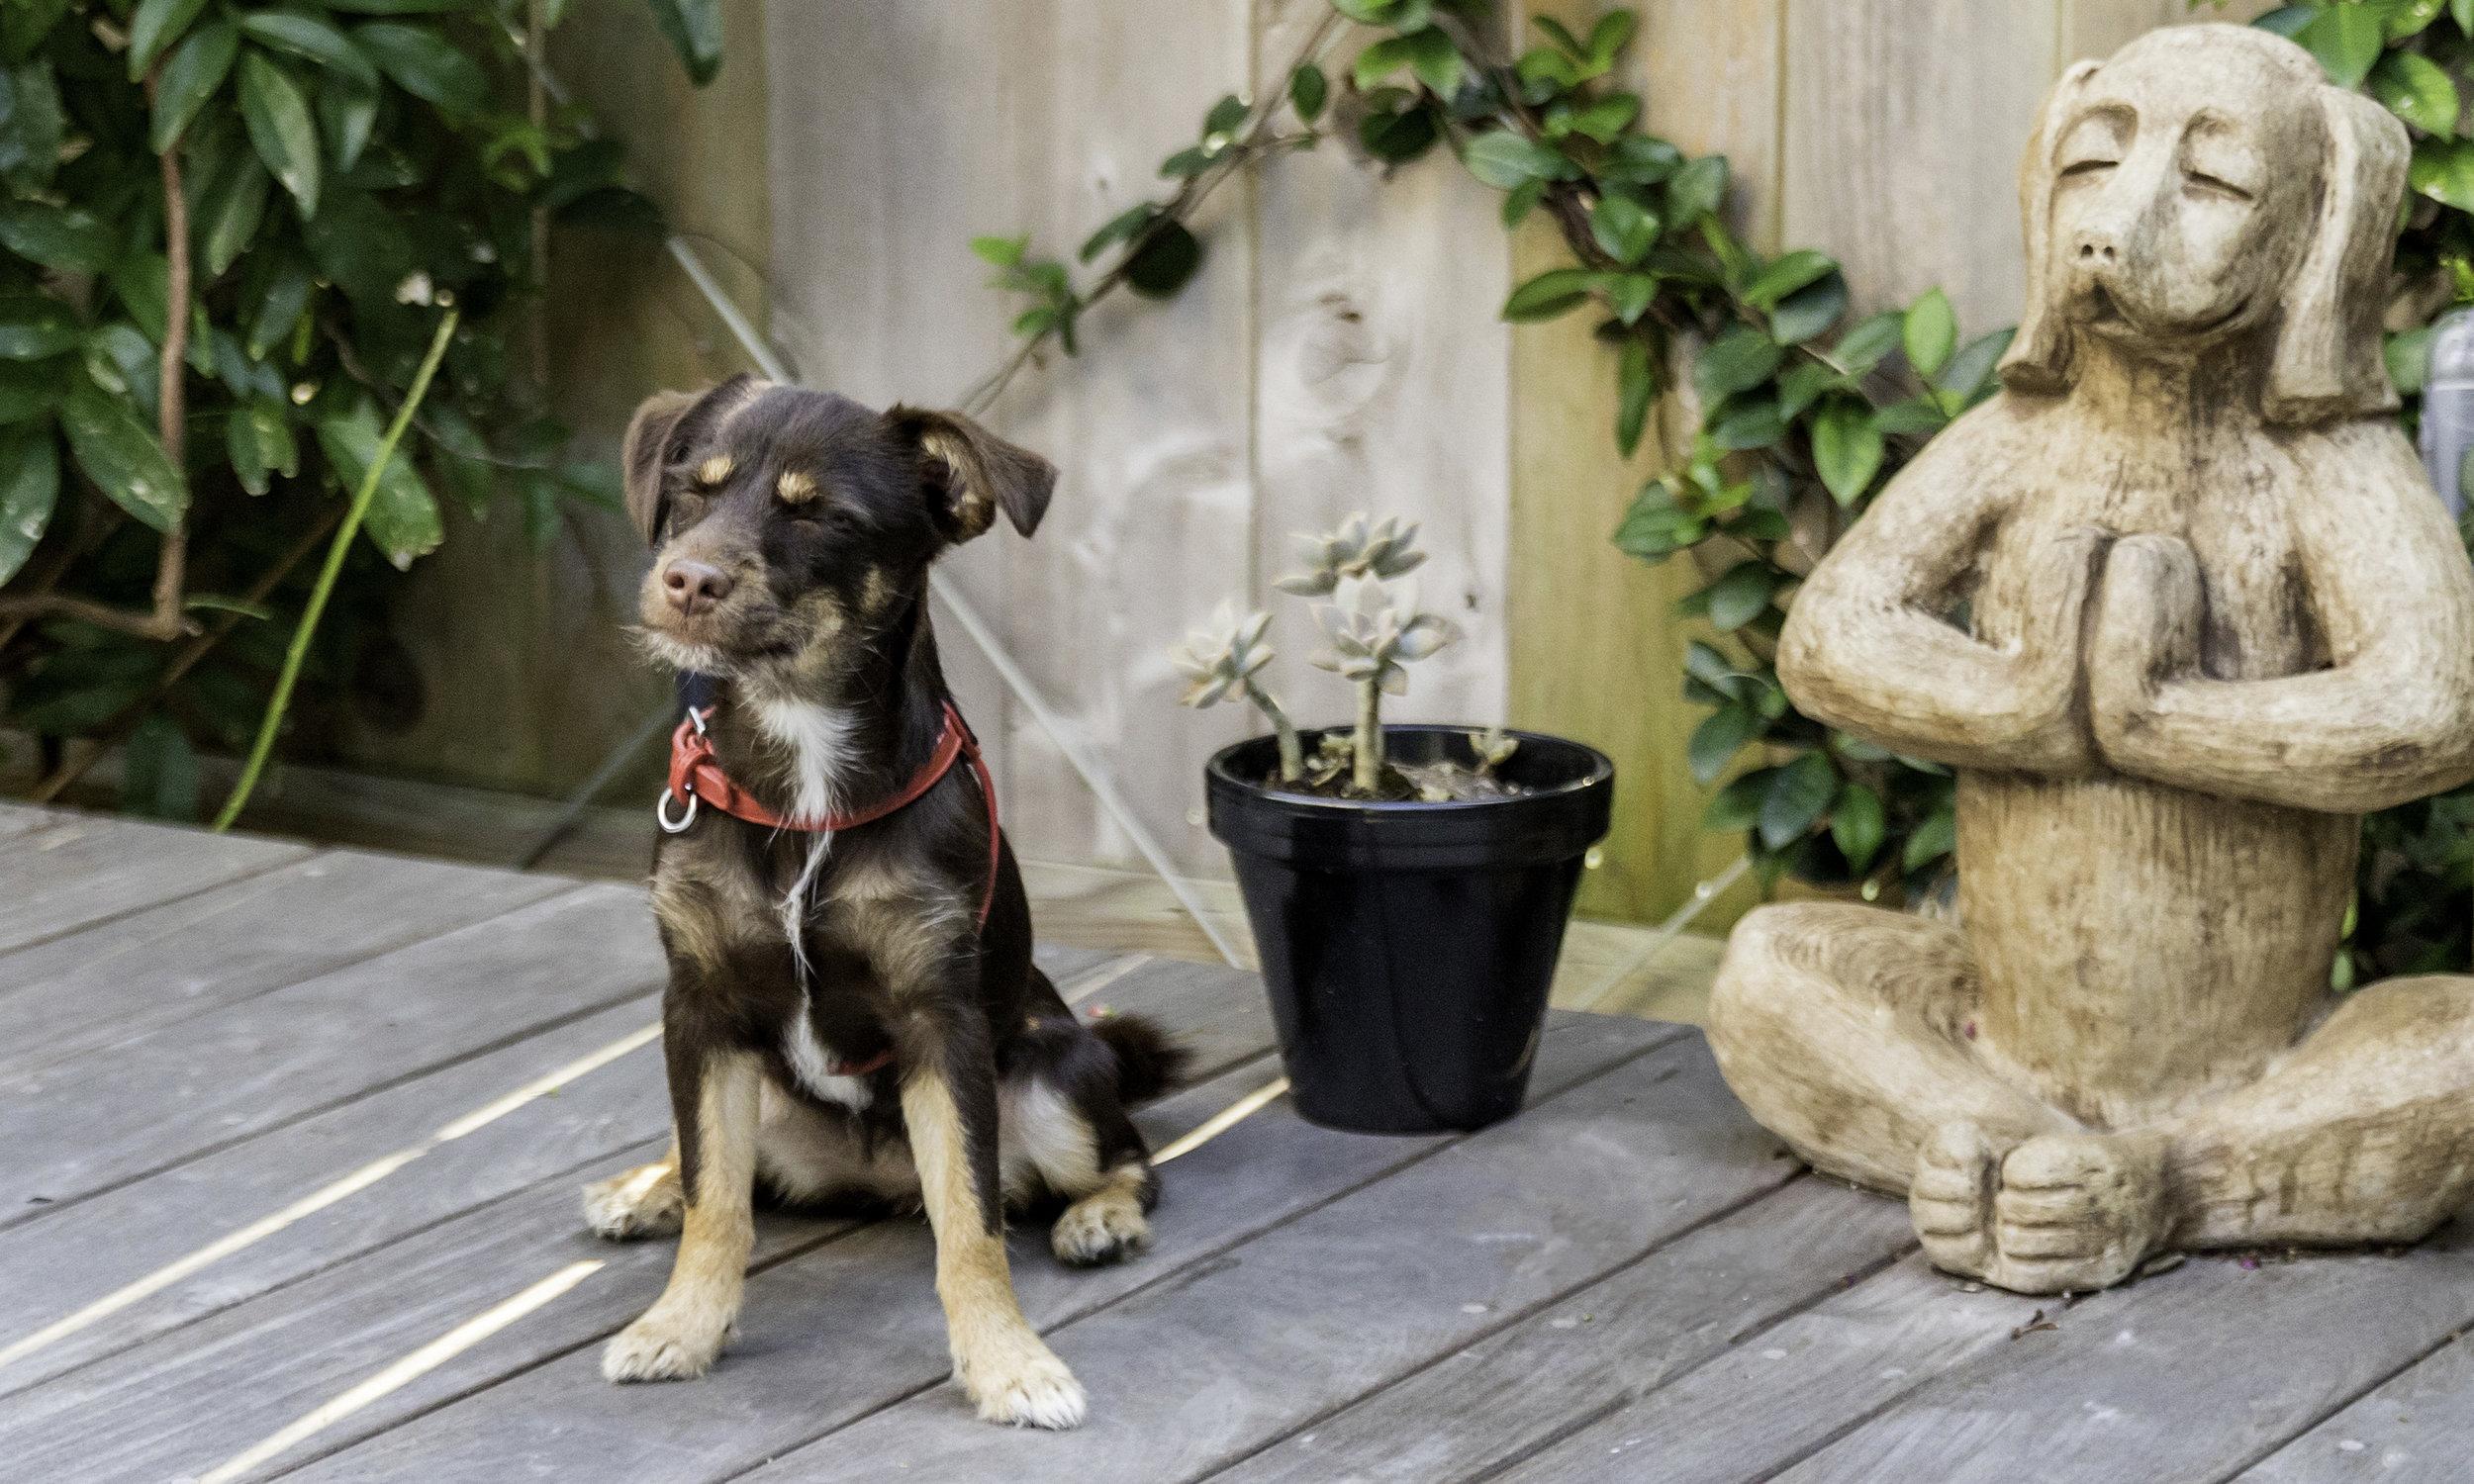 Stephanie Bennett Dog Puppy Training | Behavior Modification Potty Training | Houston TX_FC_7619 resized.jpg